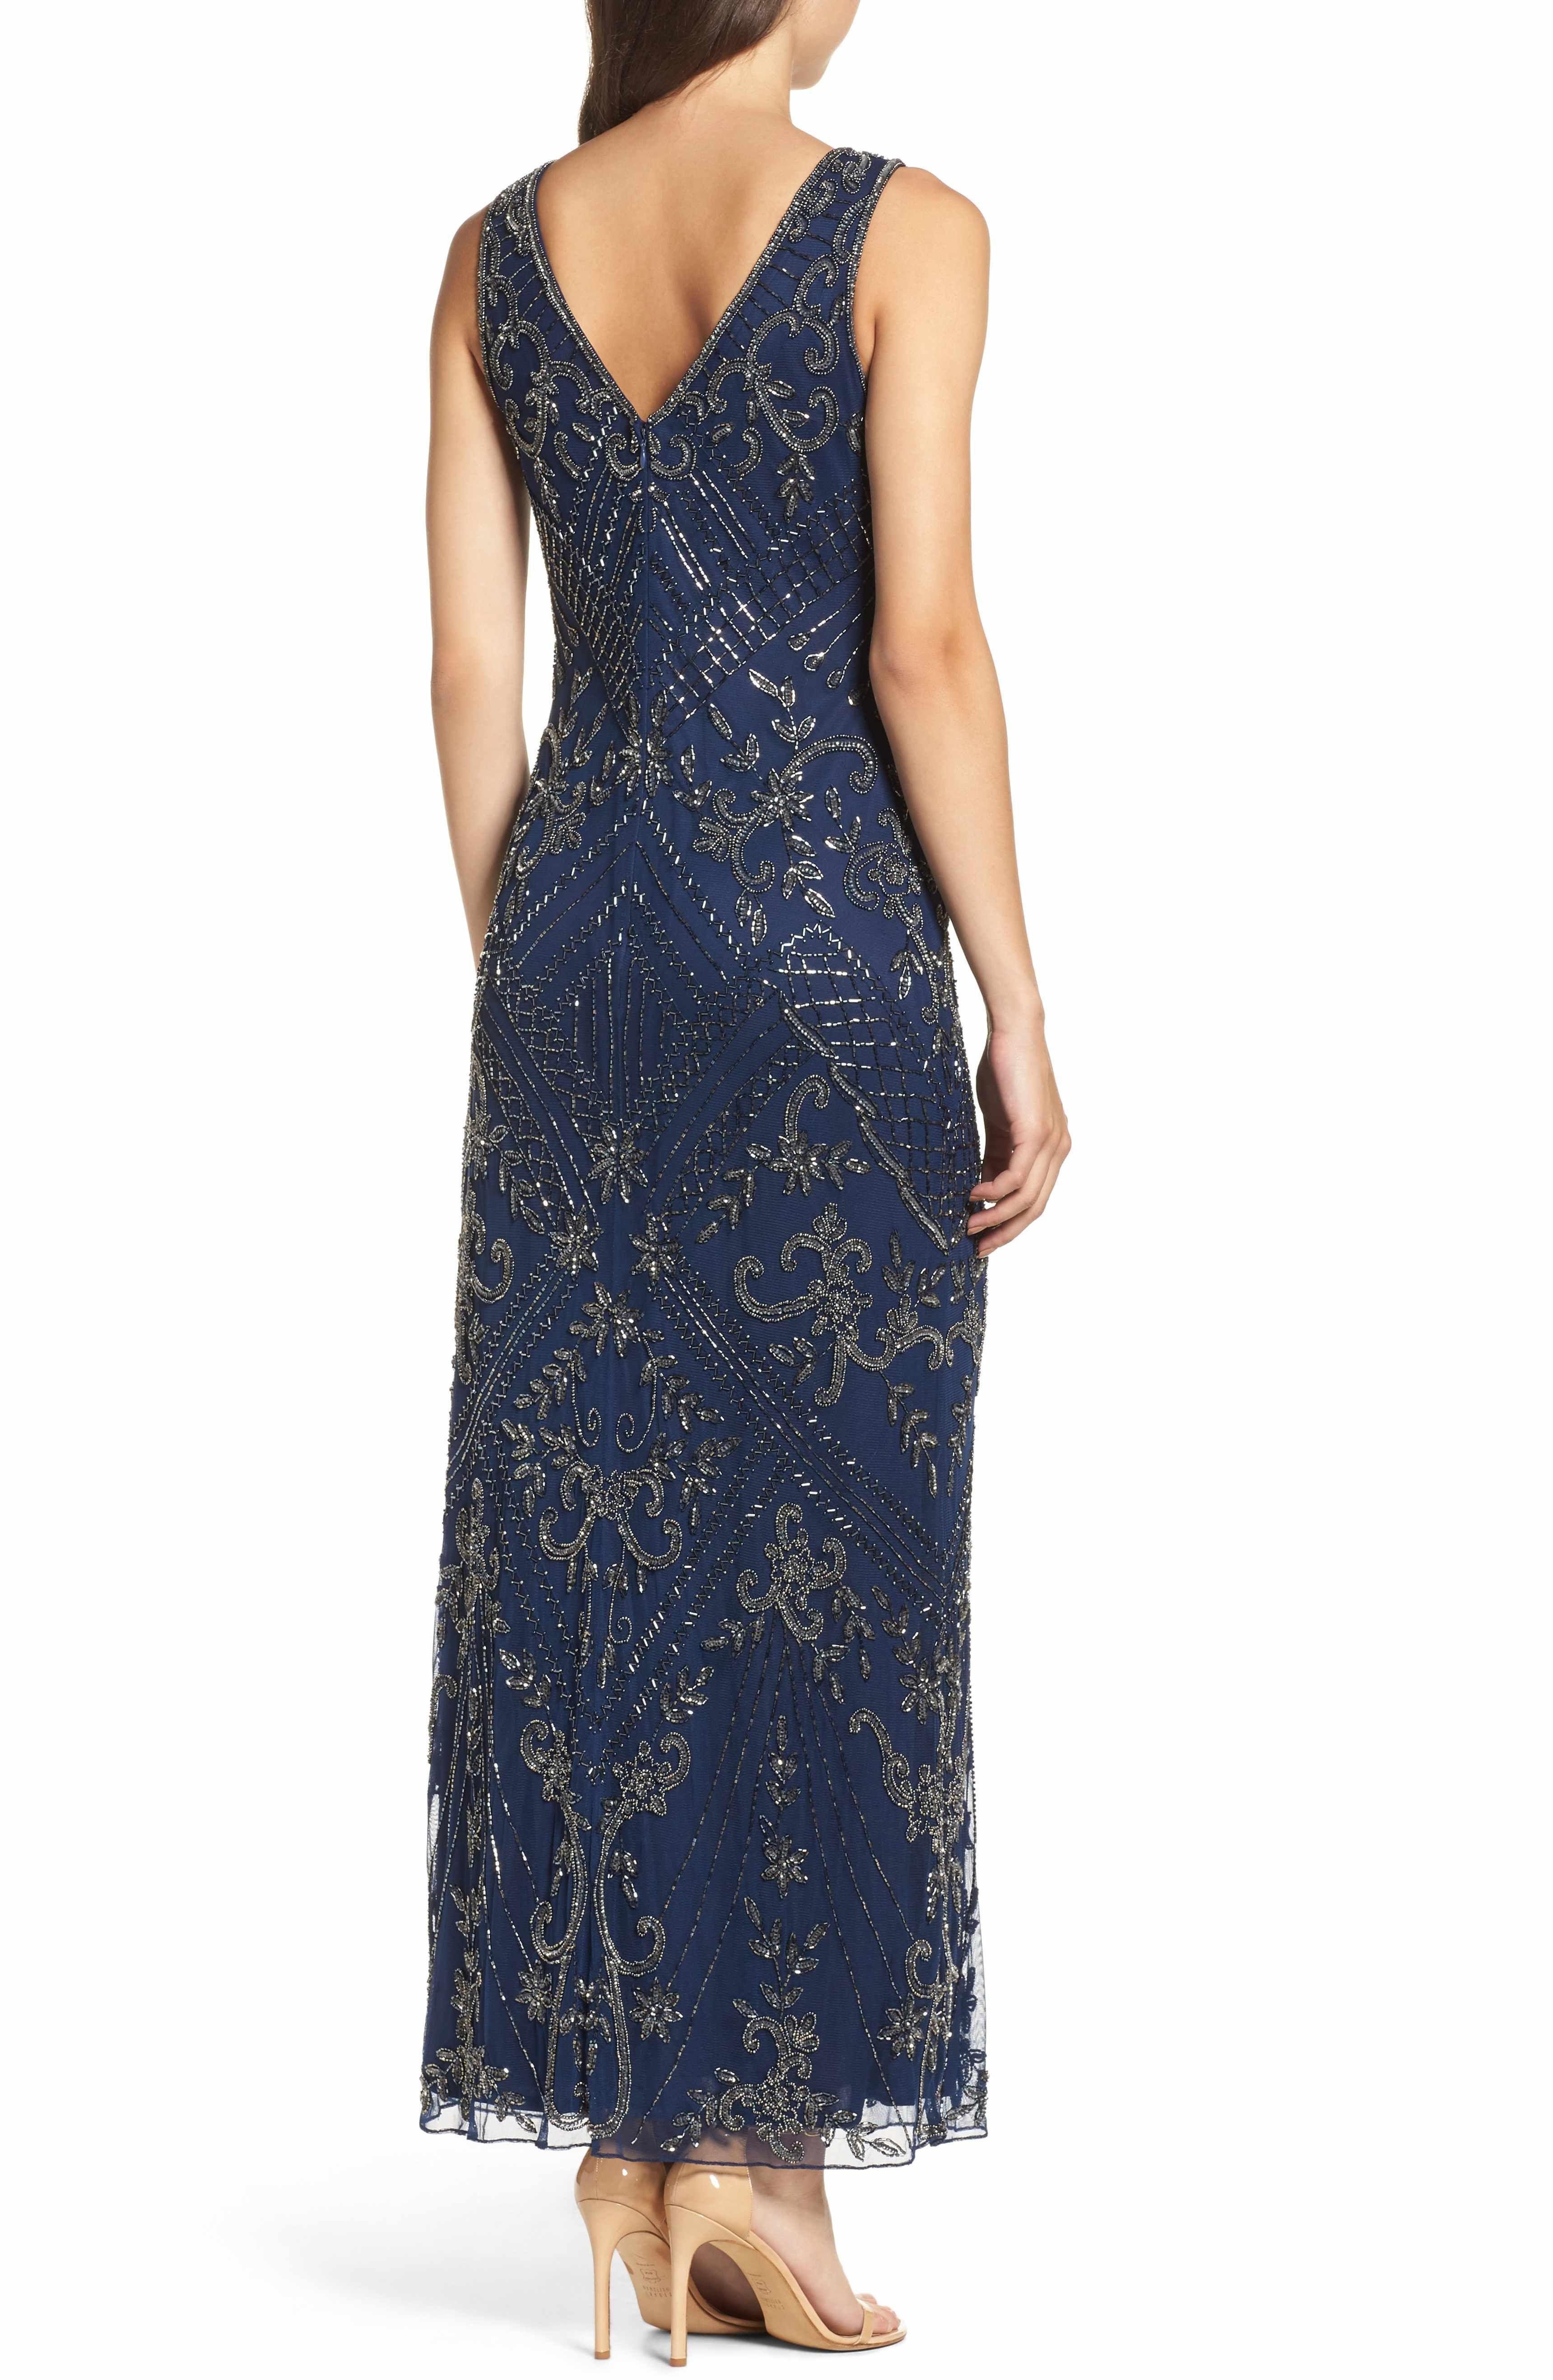 Main image pisarro nights embroidered mesh gown regular u petite